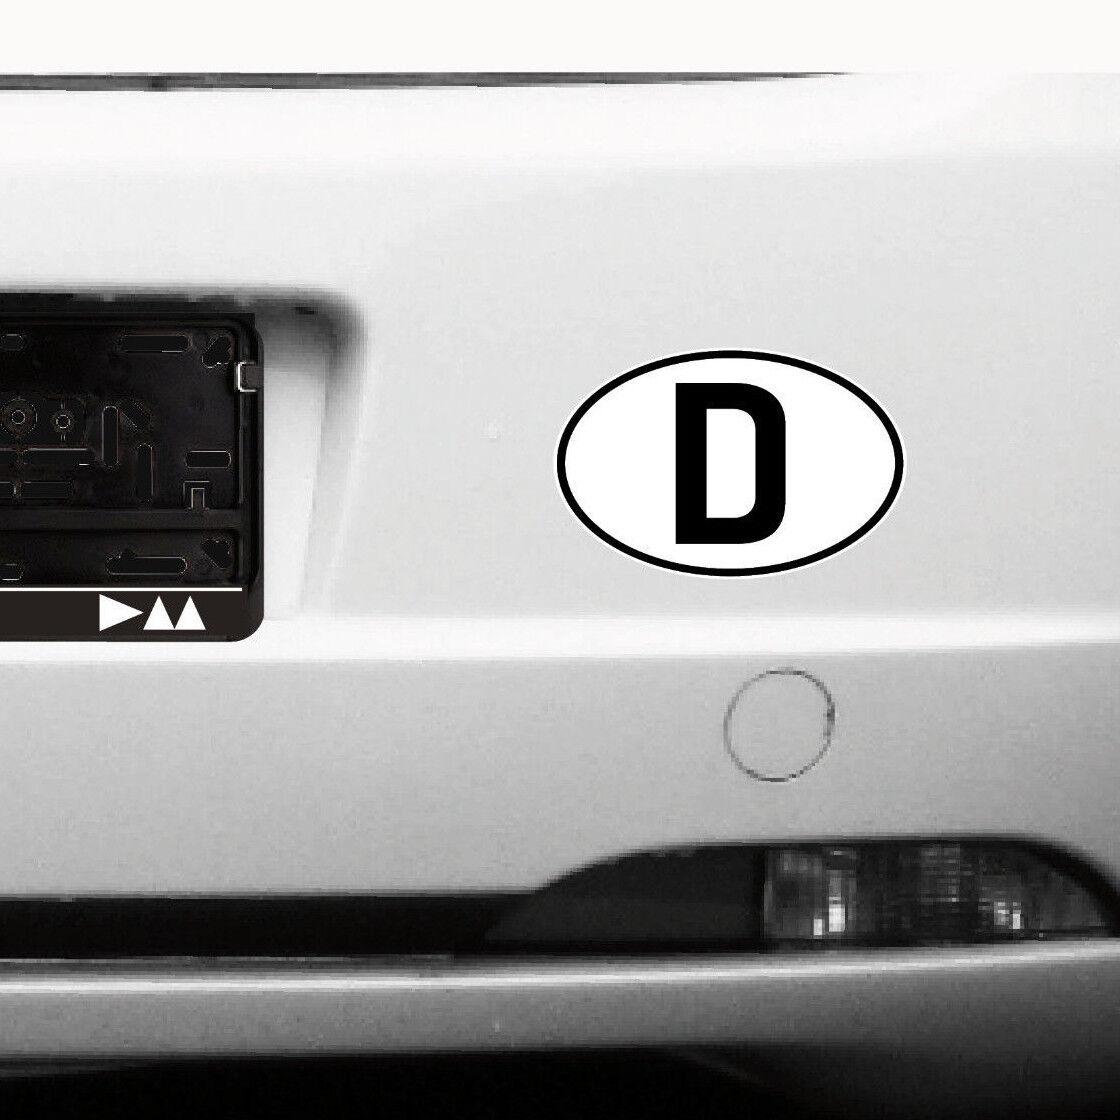 brd d deutschland aufkleber sticker l nderkennzeichen auto. Black Bedroom Furniture Sets. Home Design Ideas